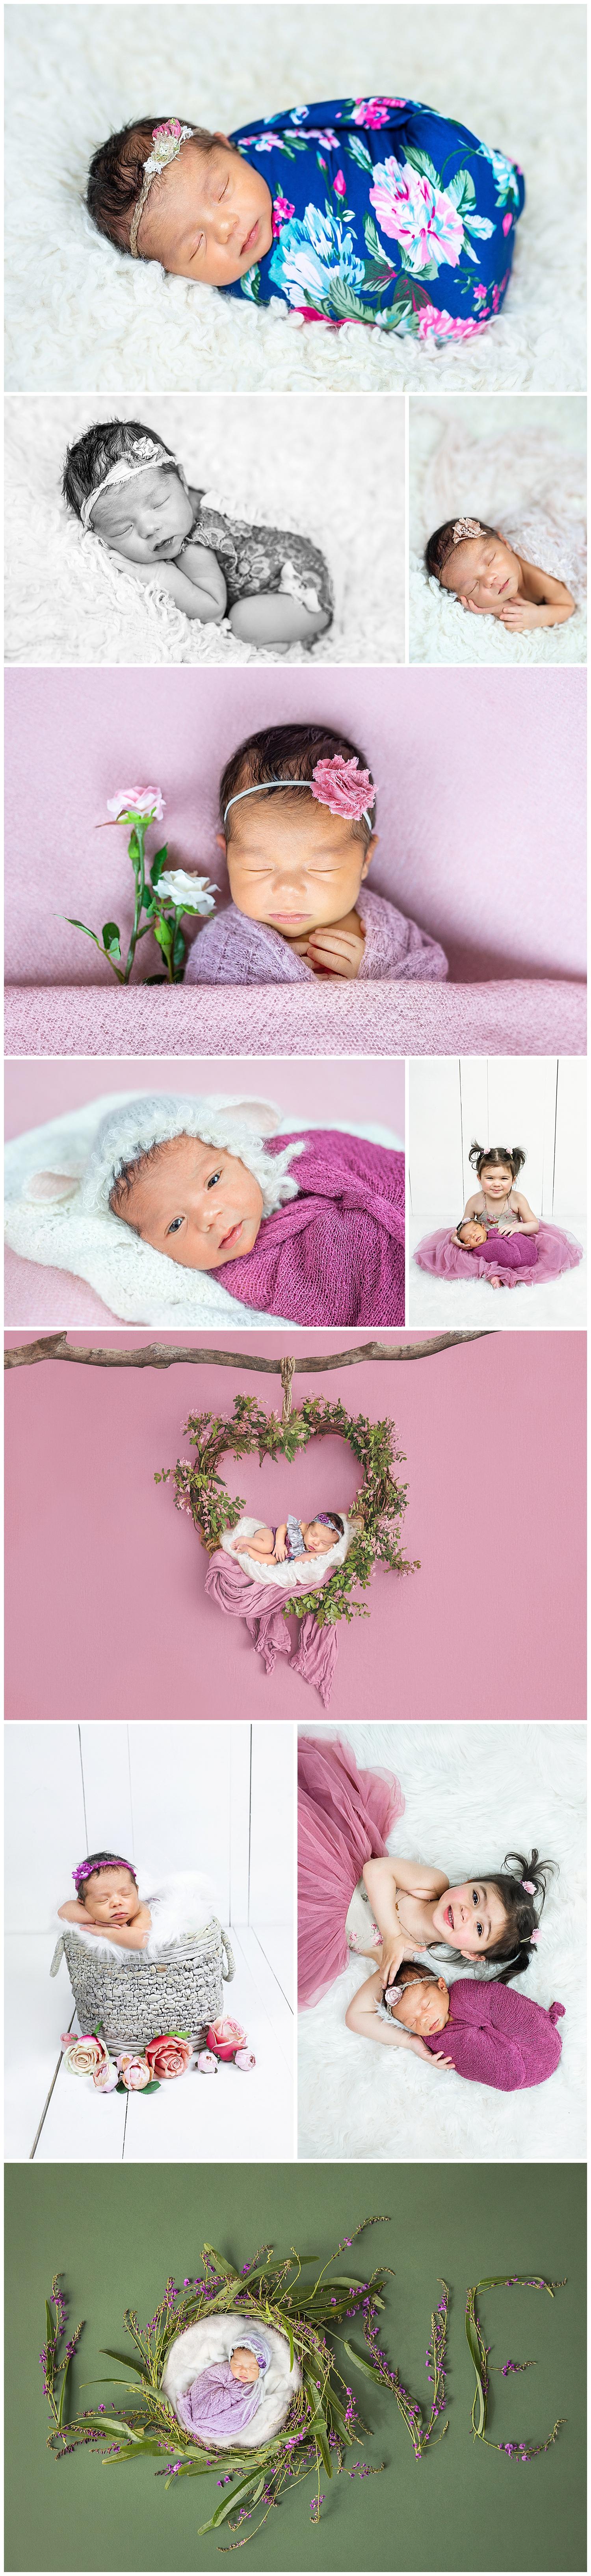 Newborn Naevy – London Ontario Newborn Photography – One-12 Photography -  One12 Photography : London, Ontario Wedding Photographer